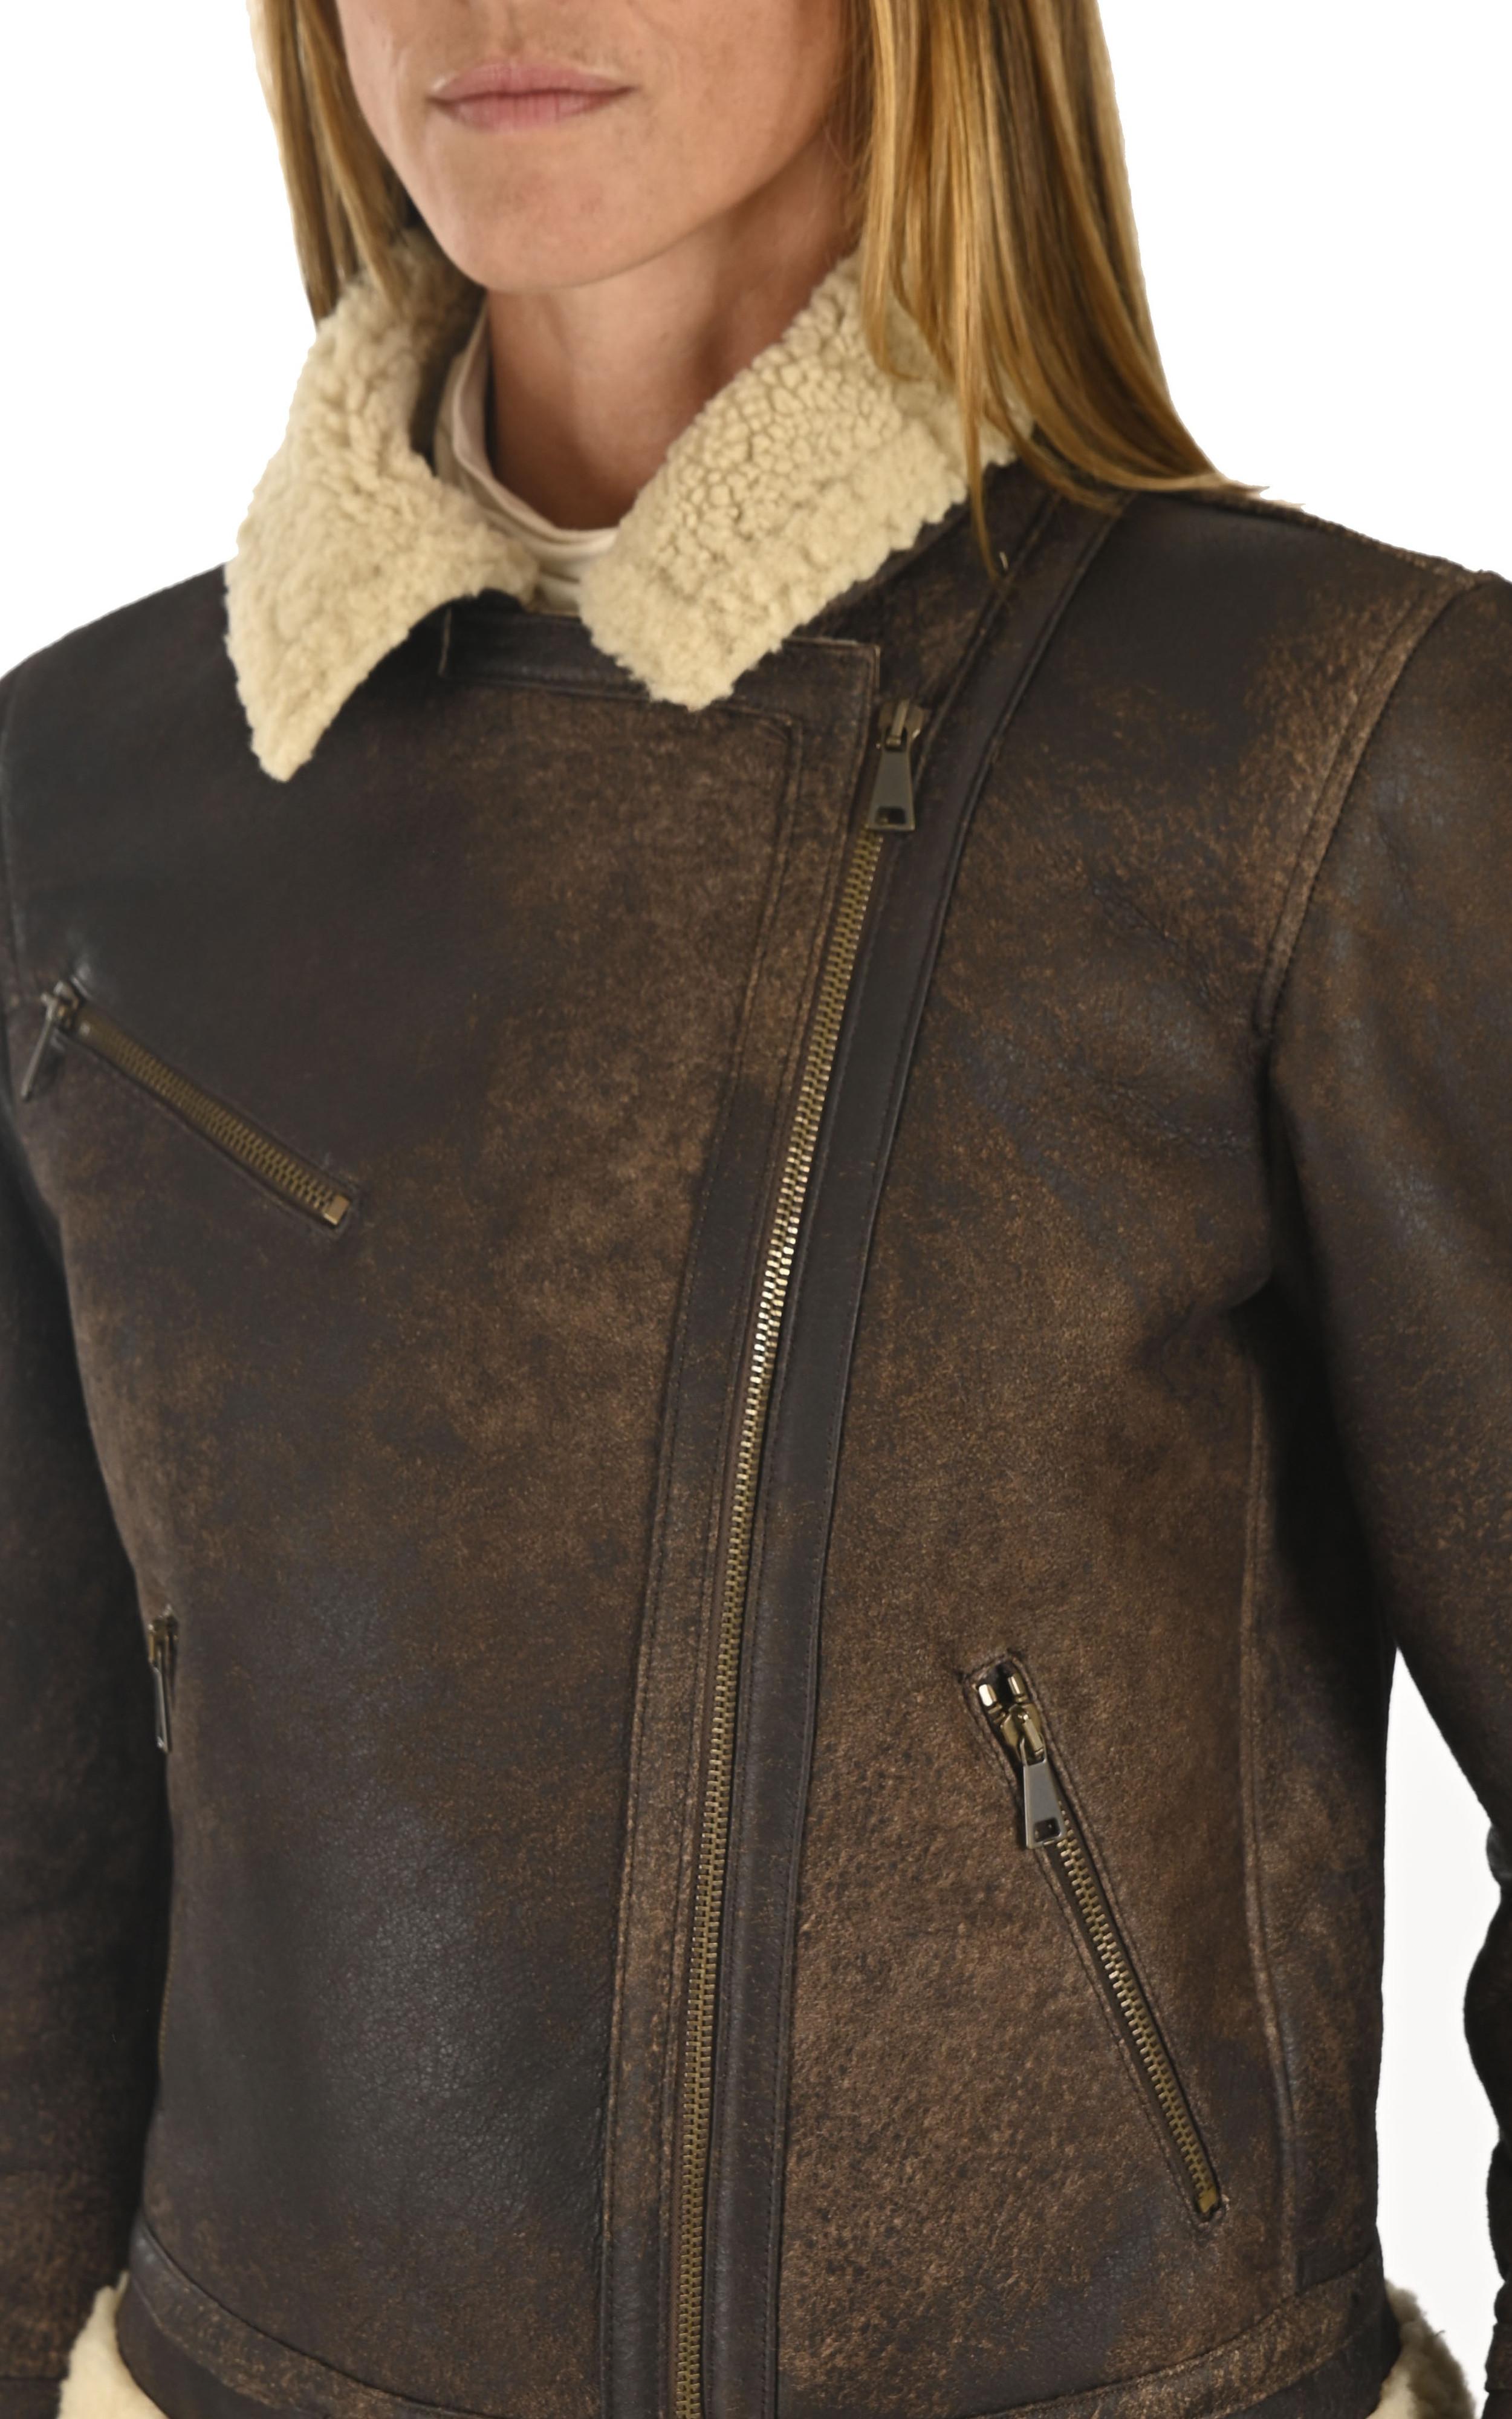 Blouson peau lainée marron La Canadienne